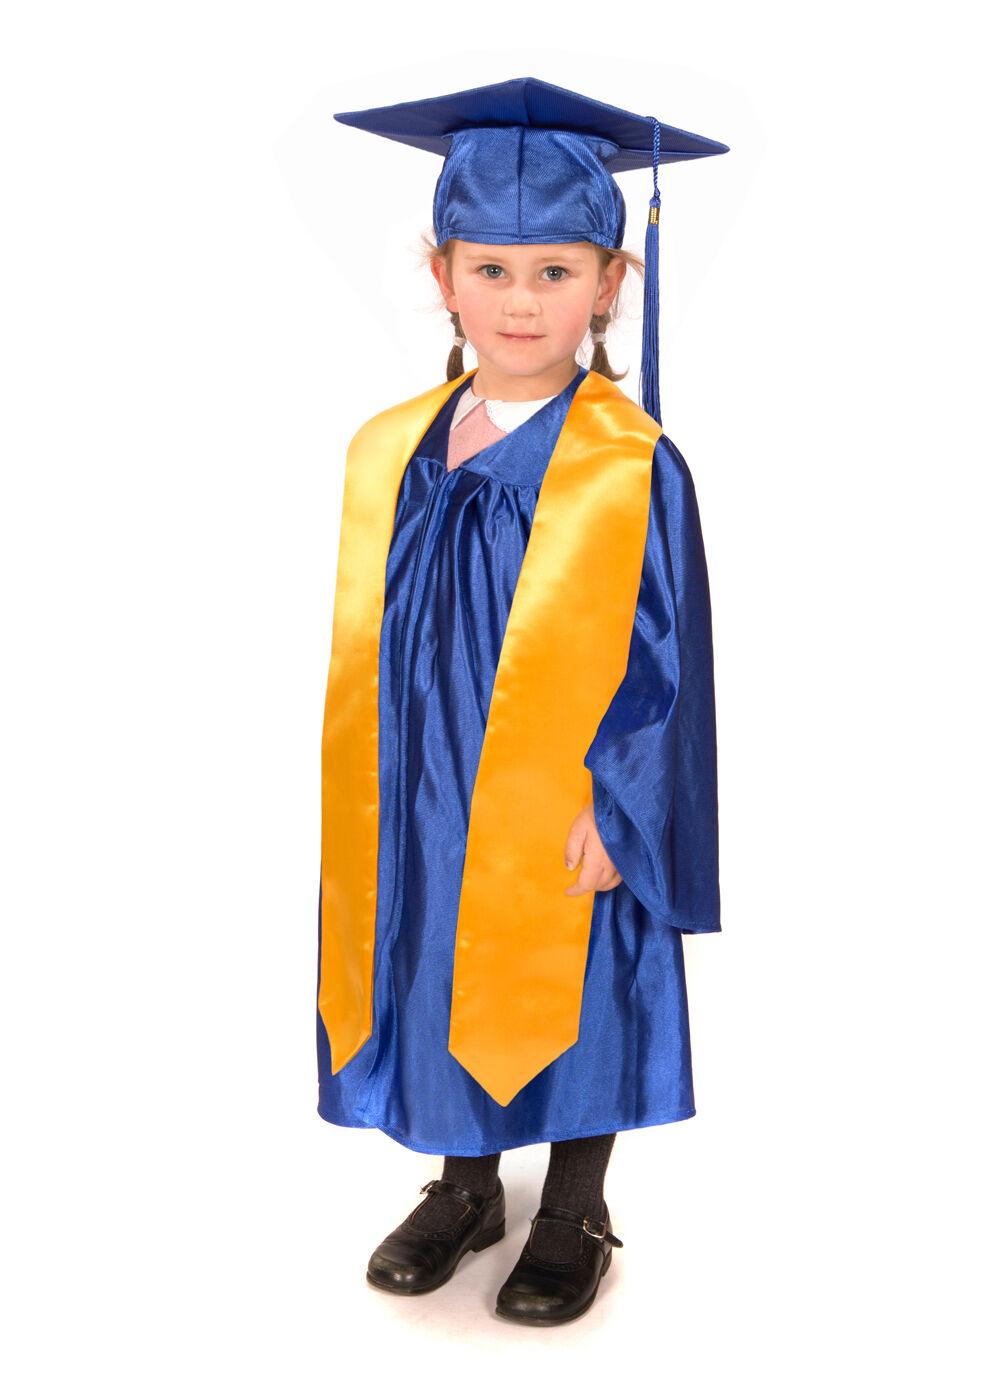 kinder kinderzimmer abschluss kleid, kappe und stola - ebay